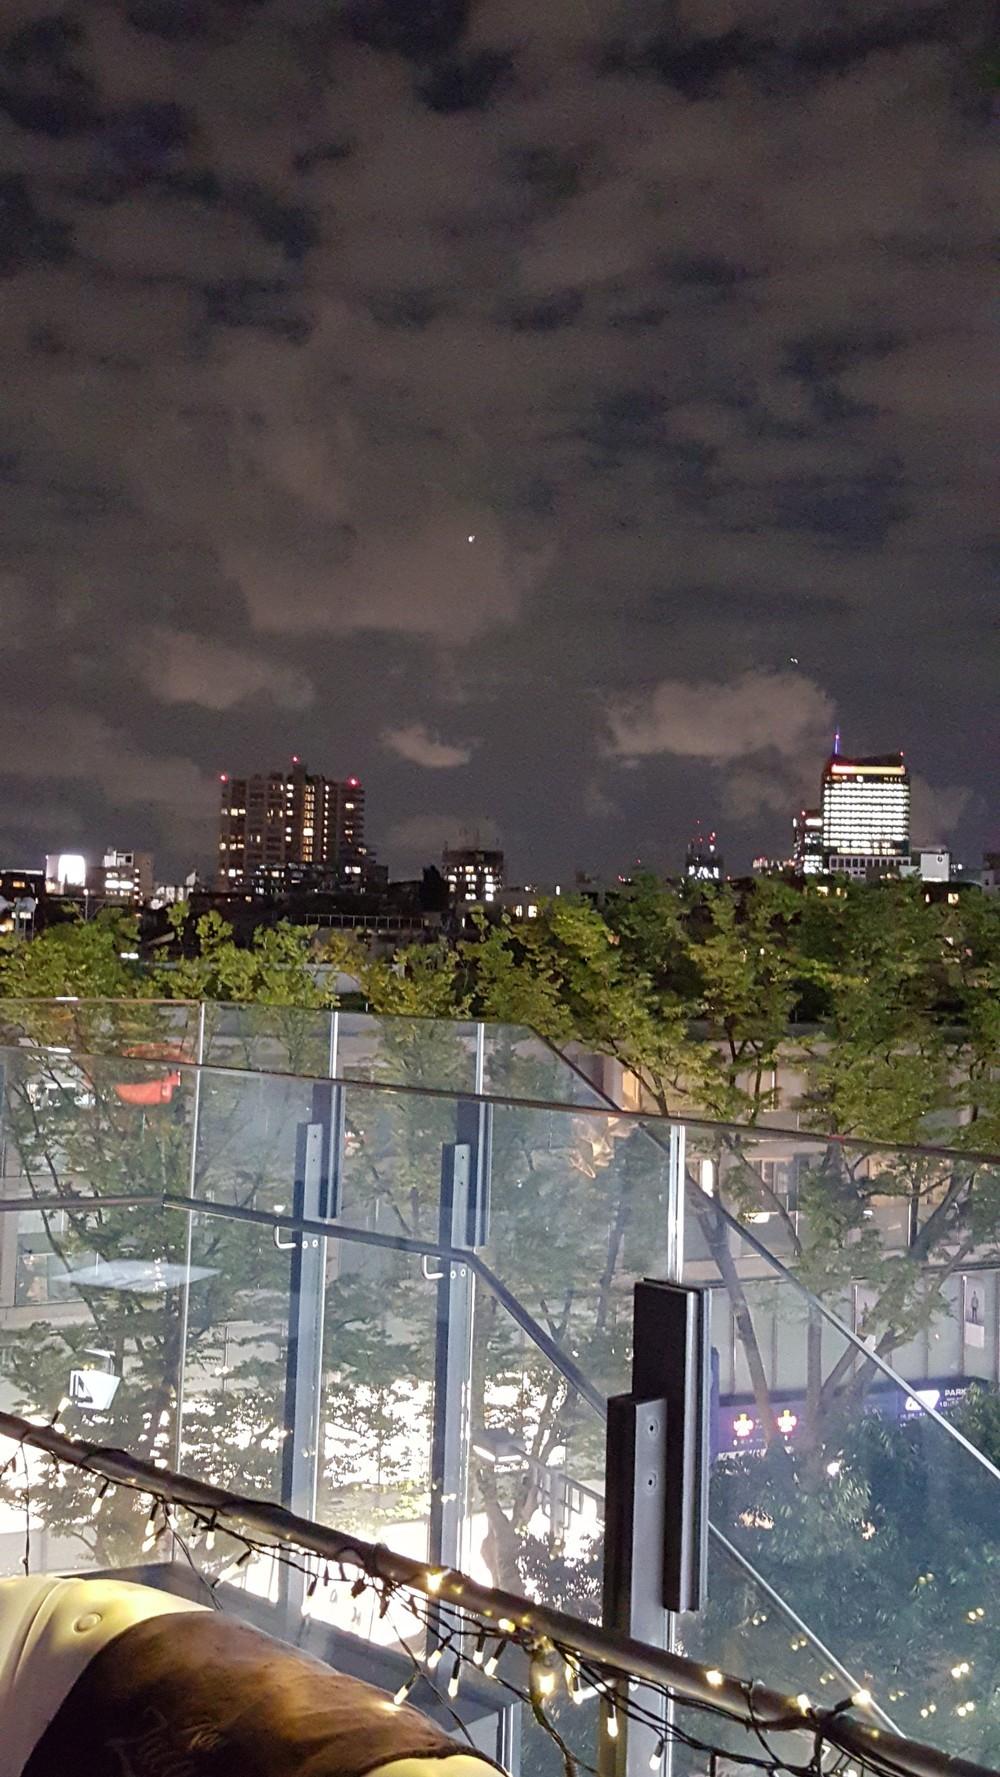 スマホのカメラで「夜景」をキレイに撮りたい! 秋冬のおでかけに向け専門家が秘訣を伝授 Galaxy Media Day